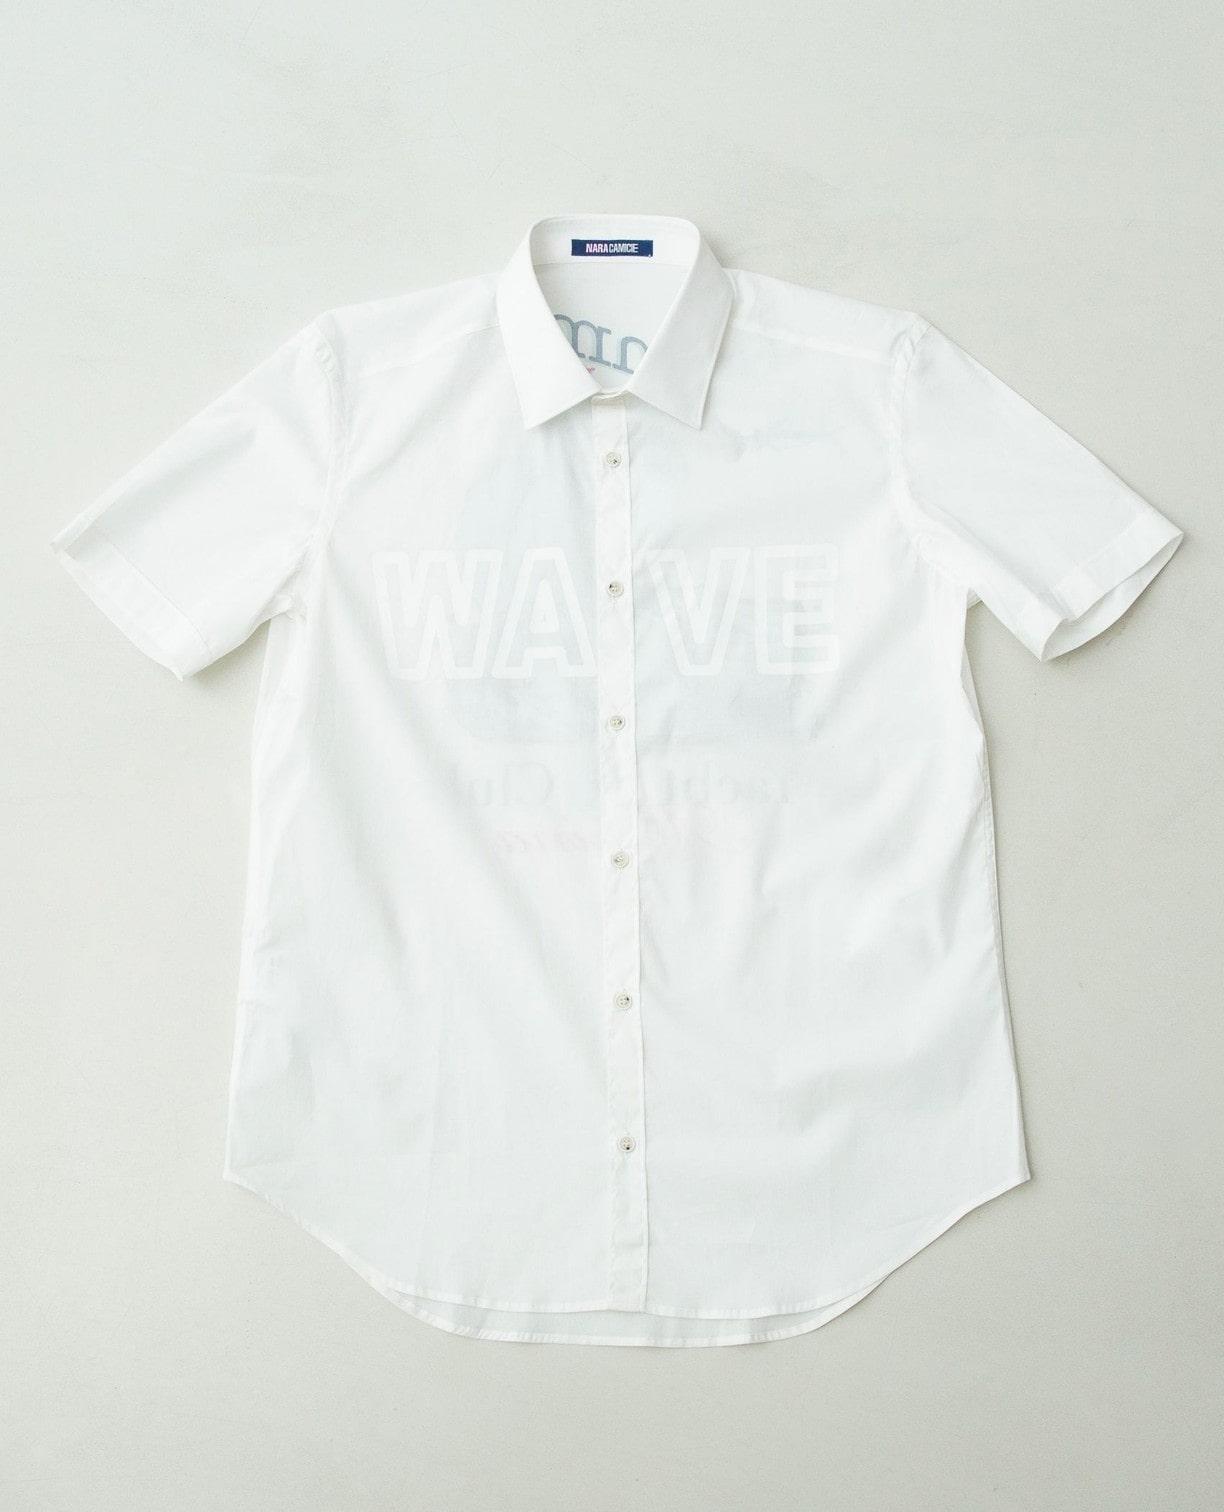 WAVEプリント半袖シャツ